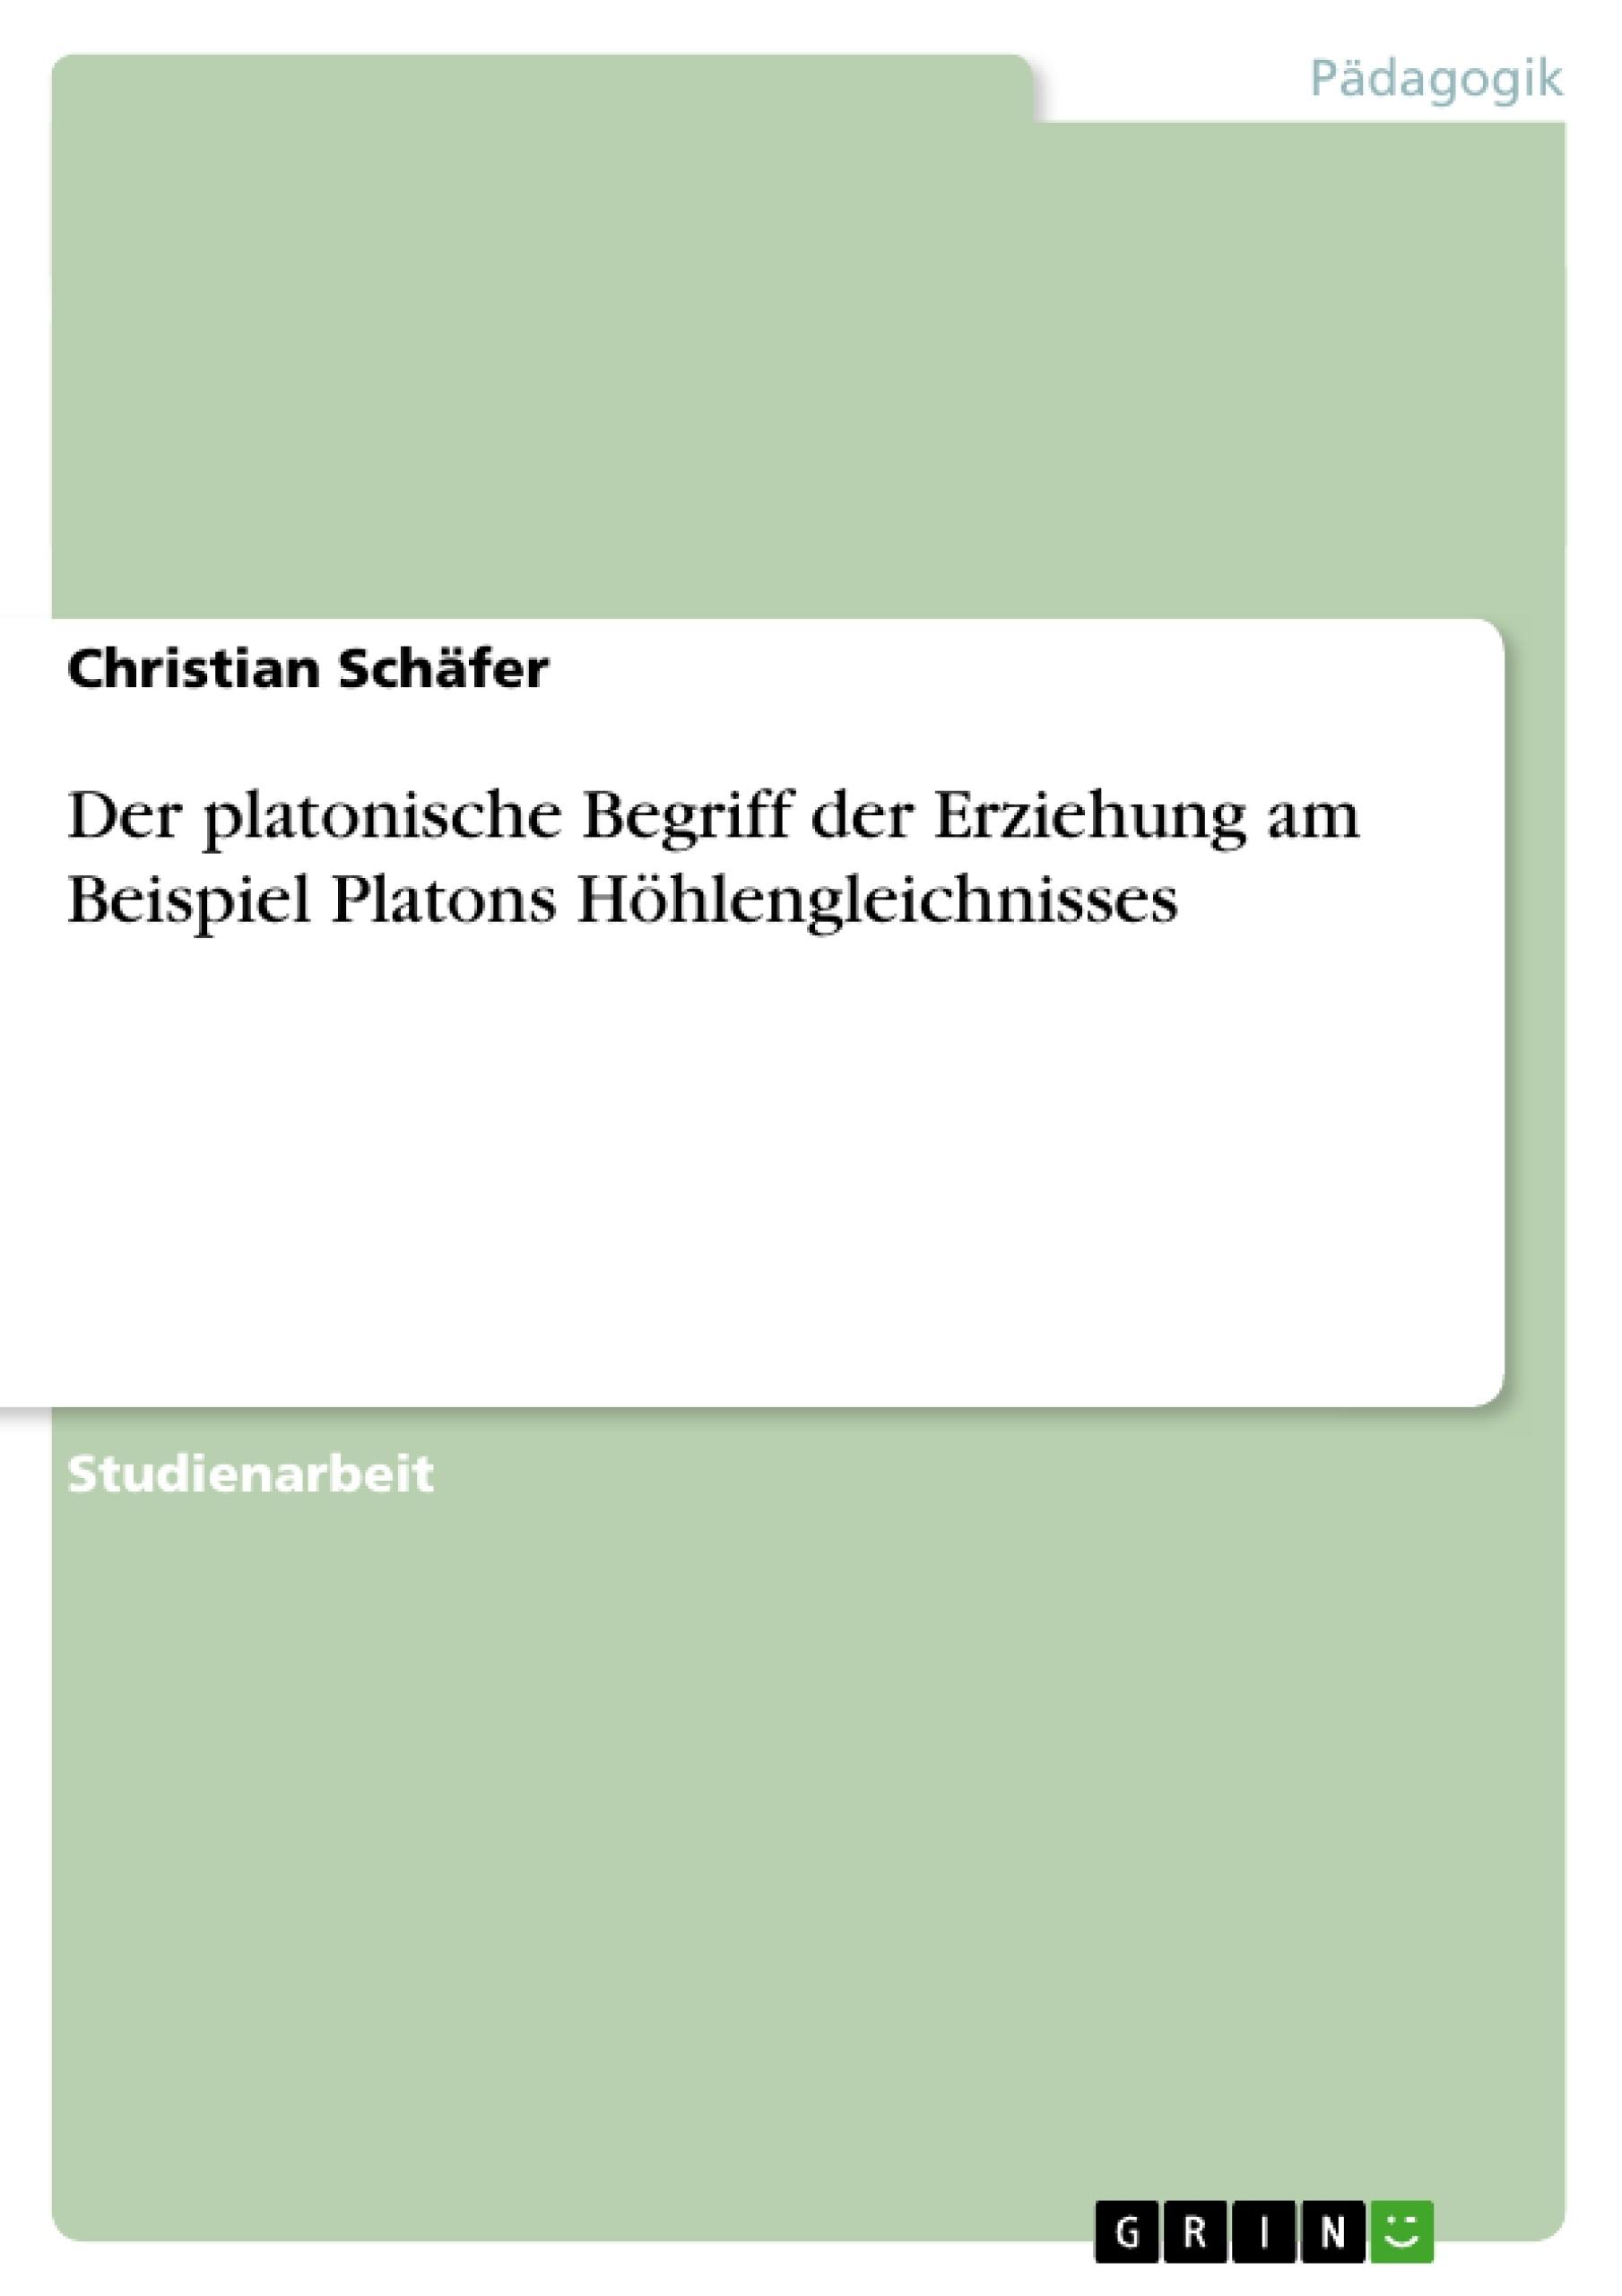 Titel: Der platonische Begriff der Erziehung am Beispiel Platons Höhlengleichnisses